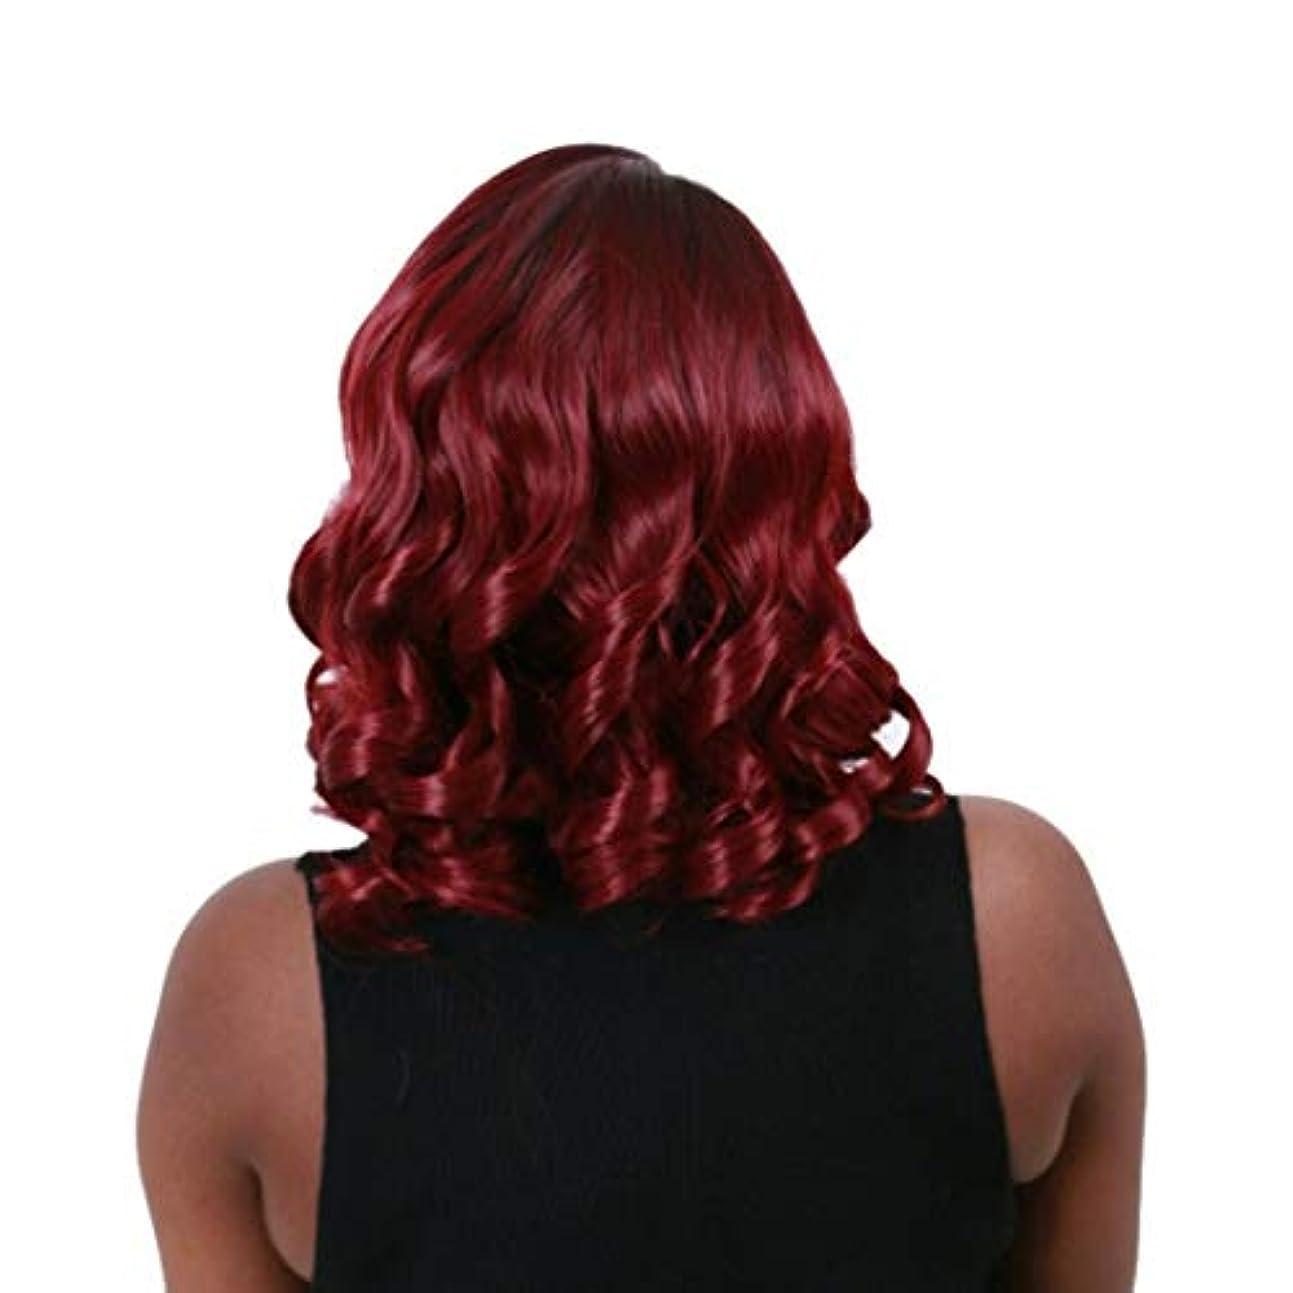 成功するむちゃくちゃ肩をすくめるKerwinner かつら女性のための傾斜前髪ショートカーリーヘアーワインレッド高温シルクウィッグ